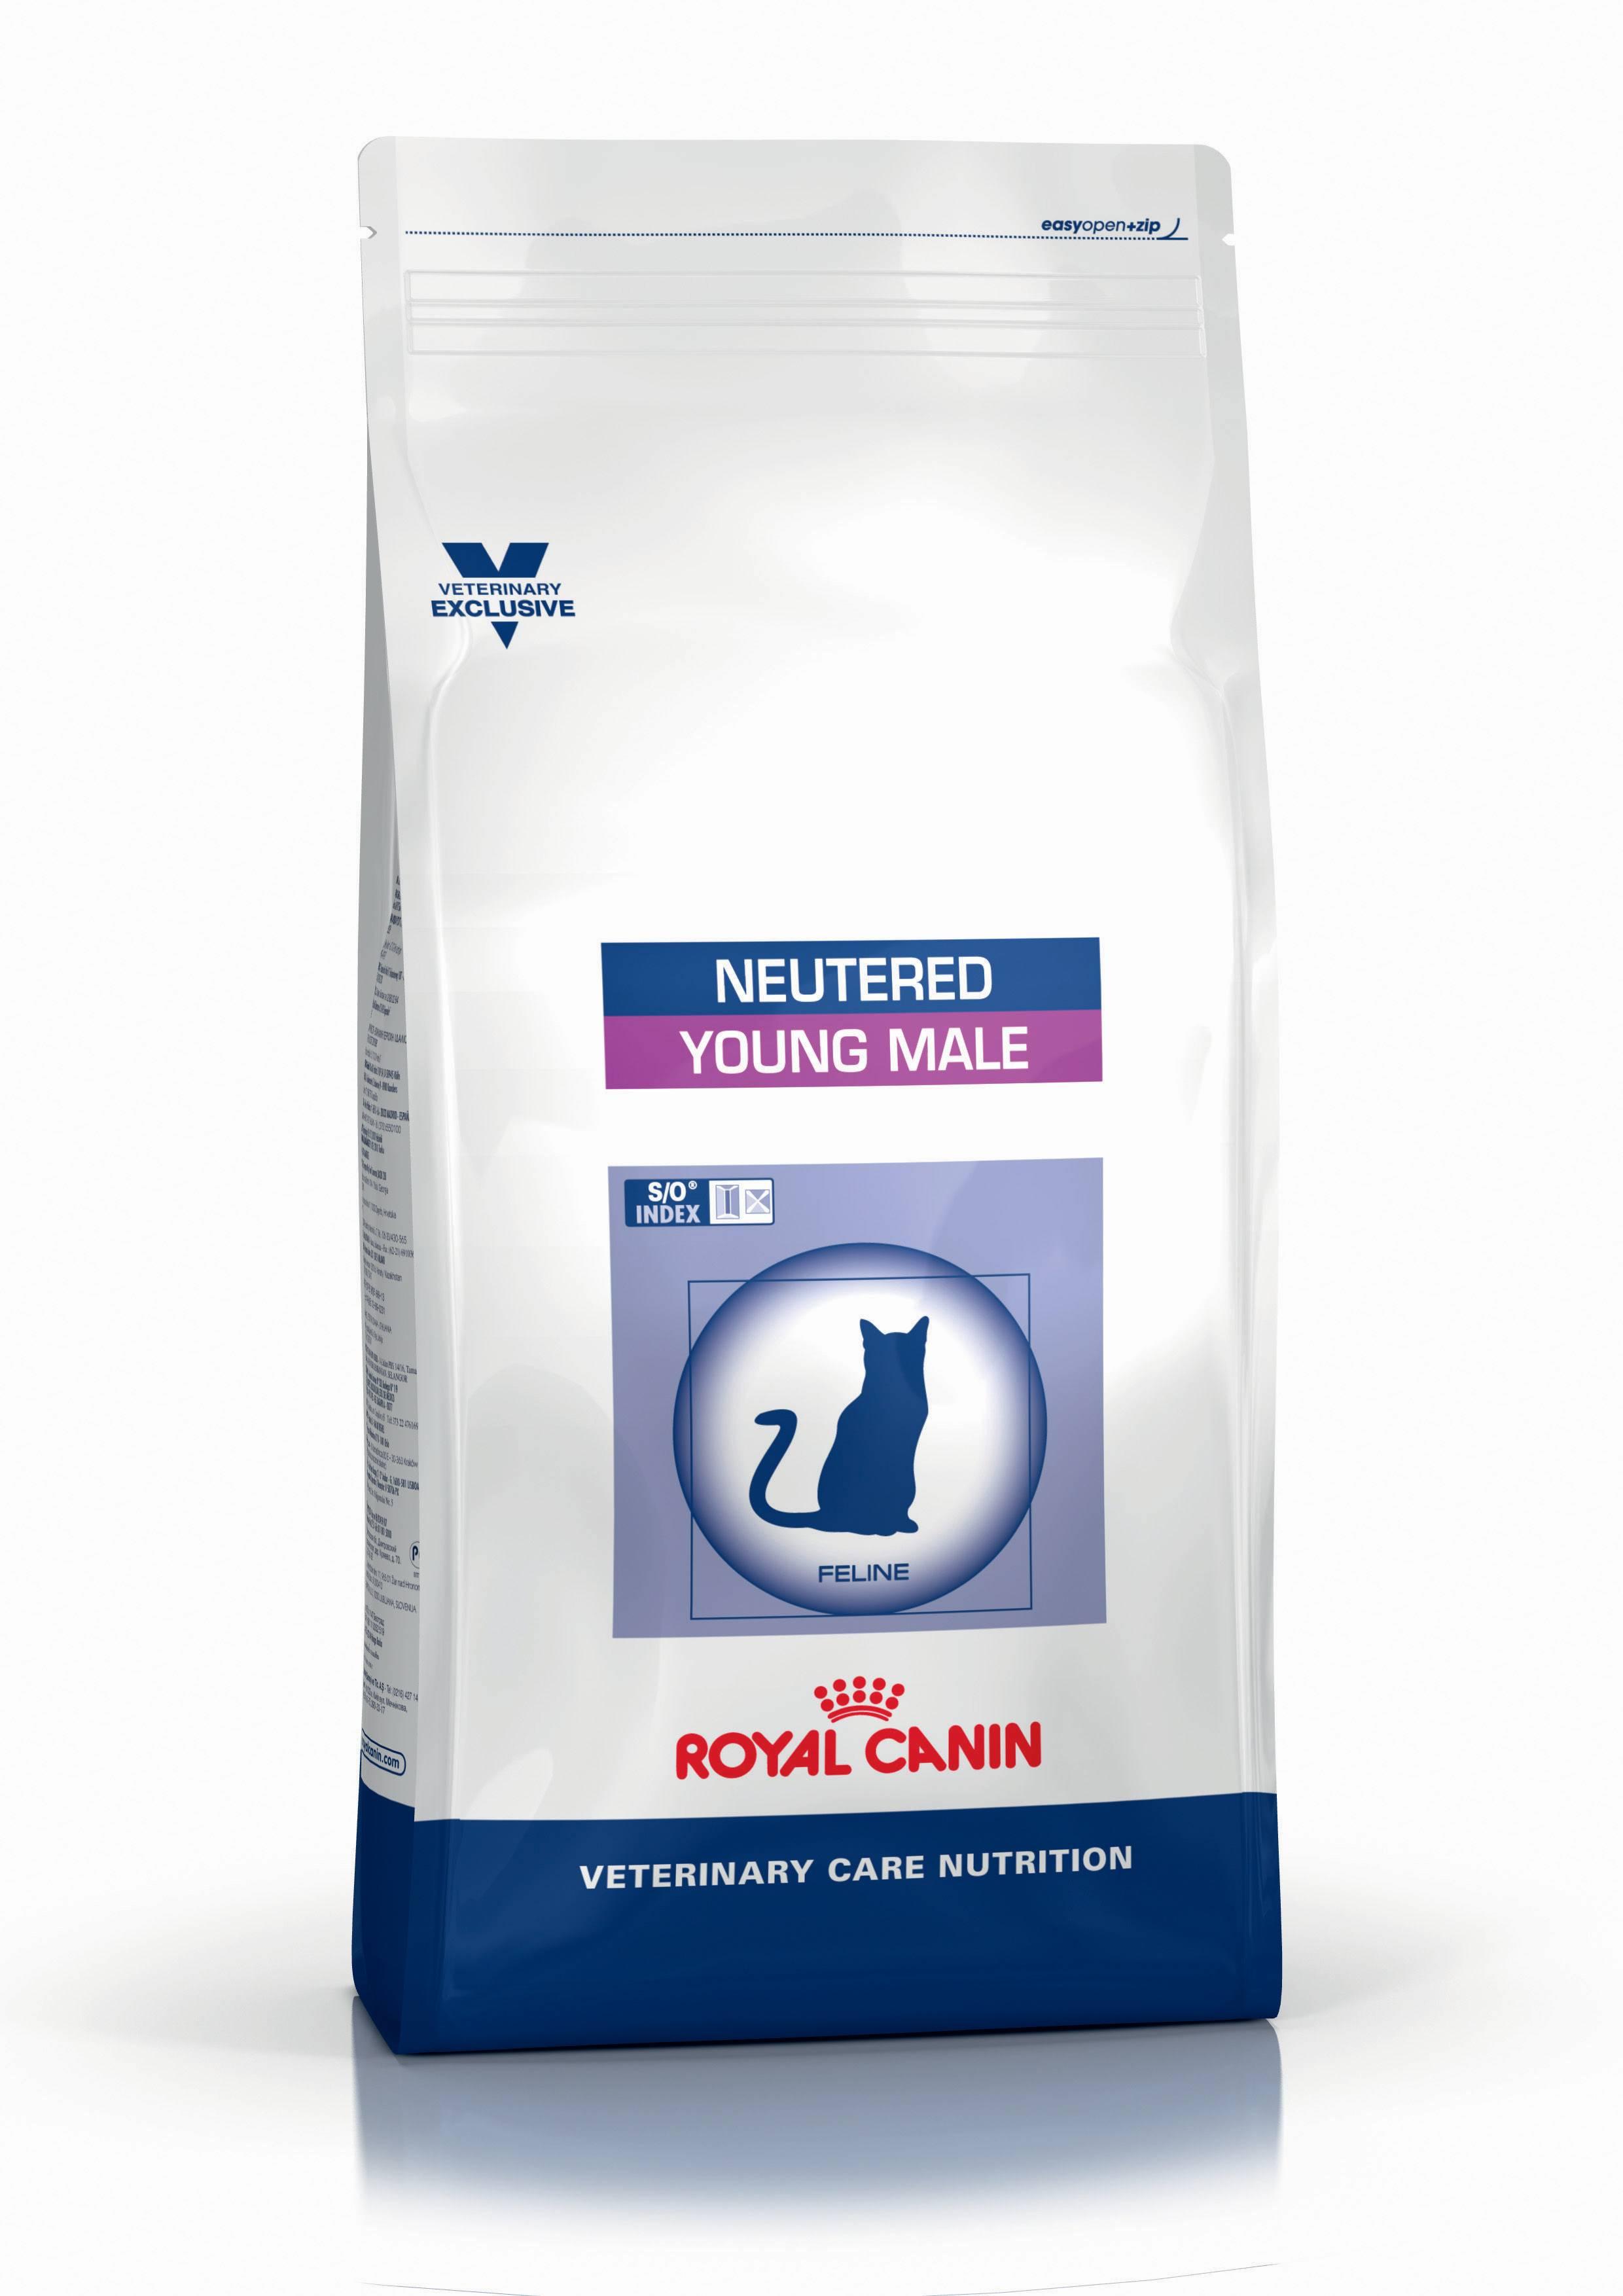 ROYAL CANIN YOUNG MALE – лечебный сухой корм для стерилизованных котов с момента операции до 7 лет